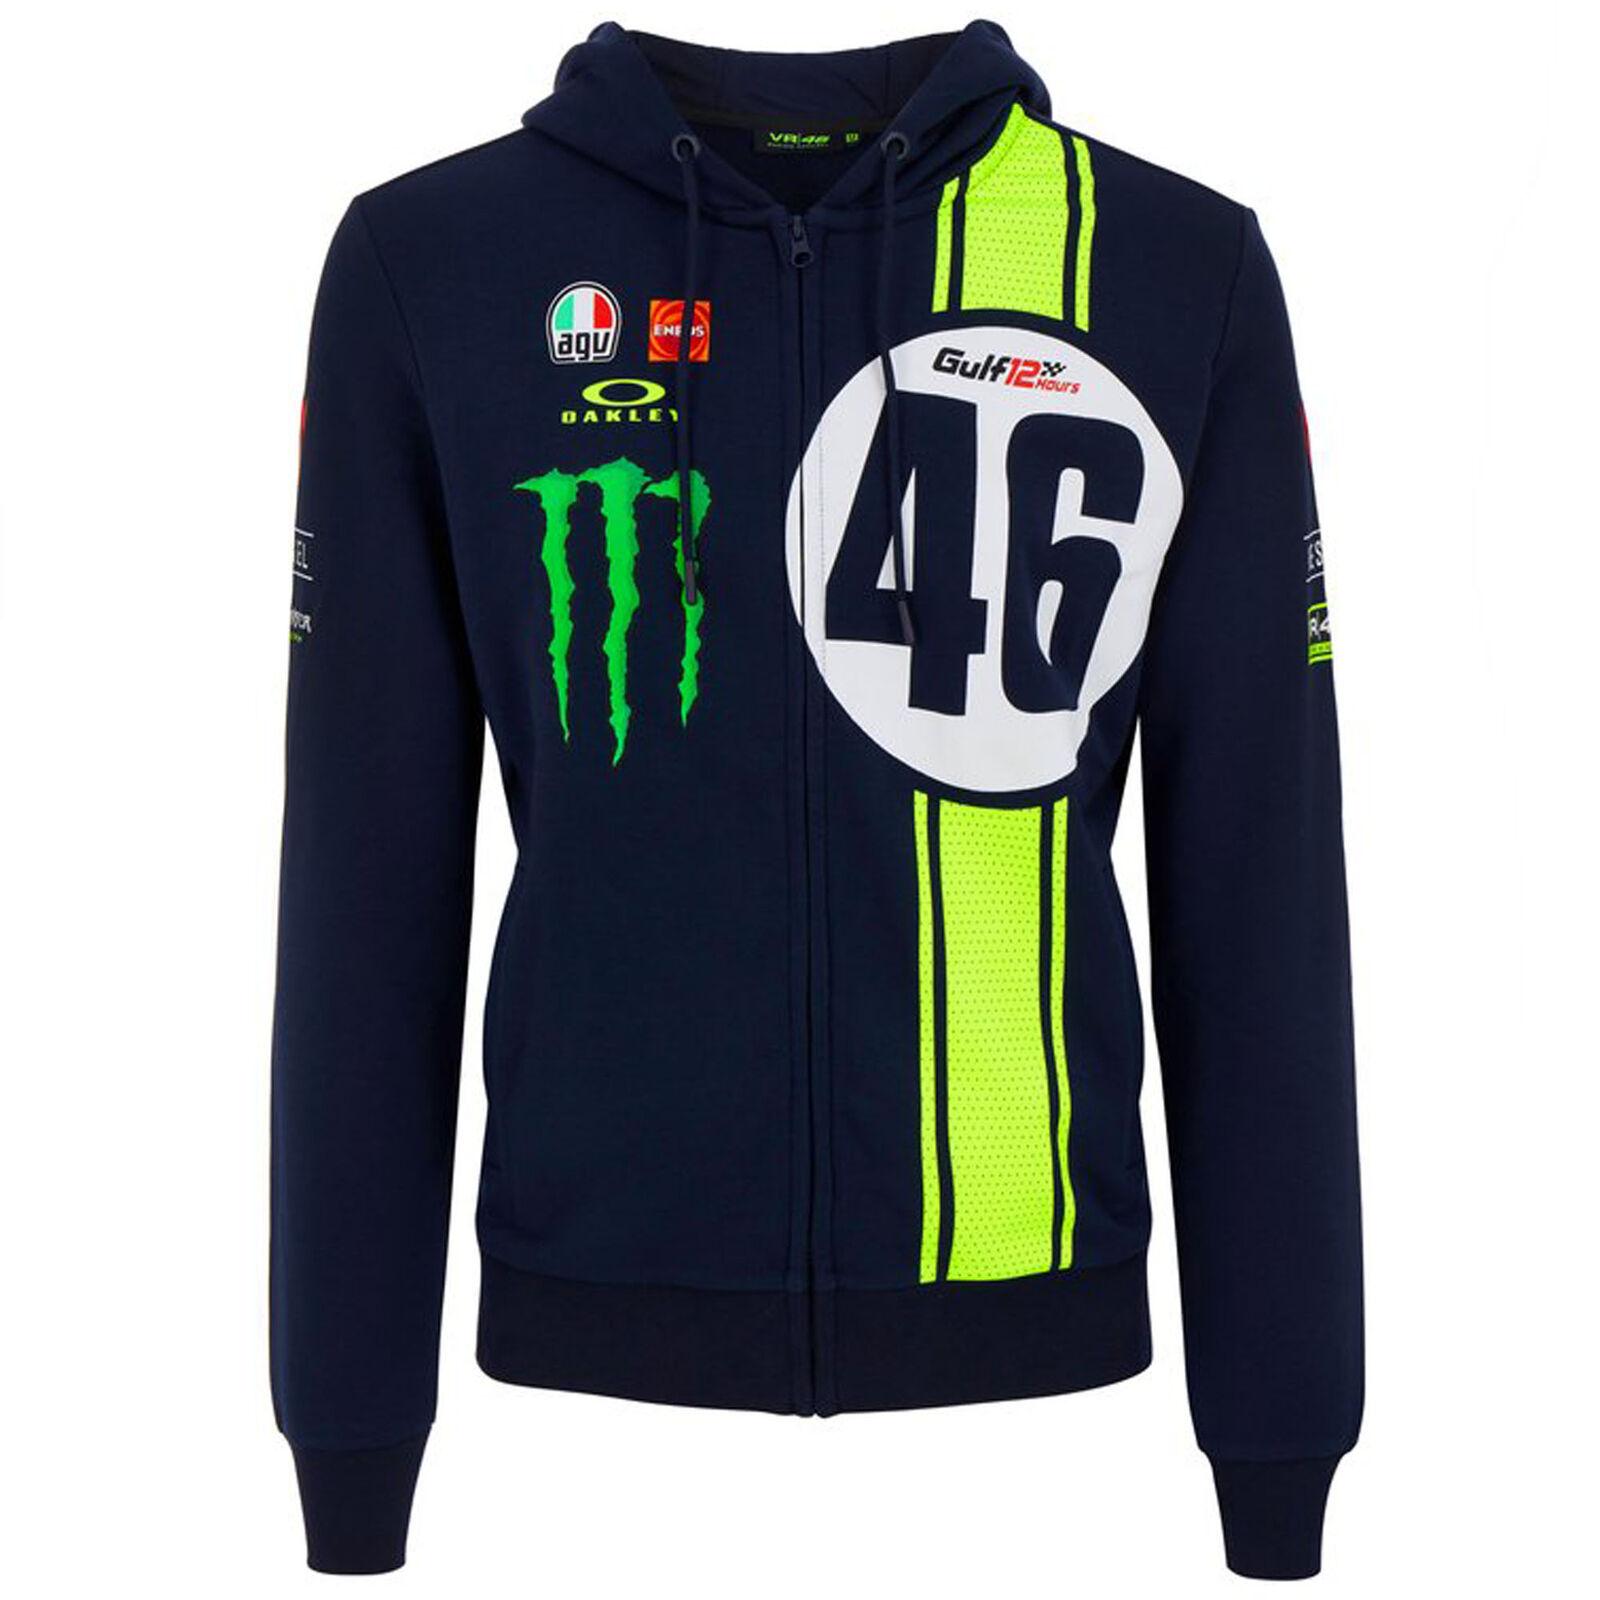 ★送料無料★Valentino Rossi VR46 Official Abu Dhabi GT 12HR Hoody ヴァレンティノ ロッシ アブダビ ジップアップパーカー 長袖 ブラック